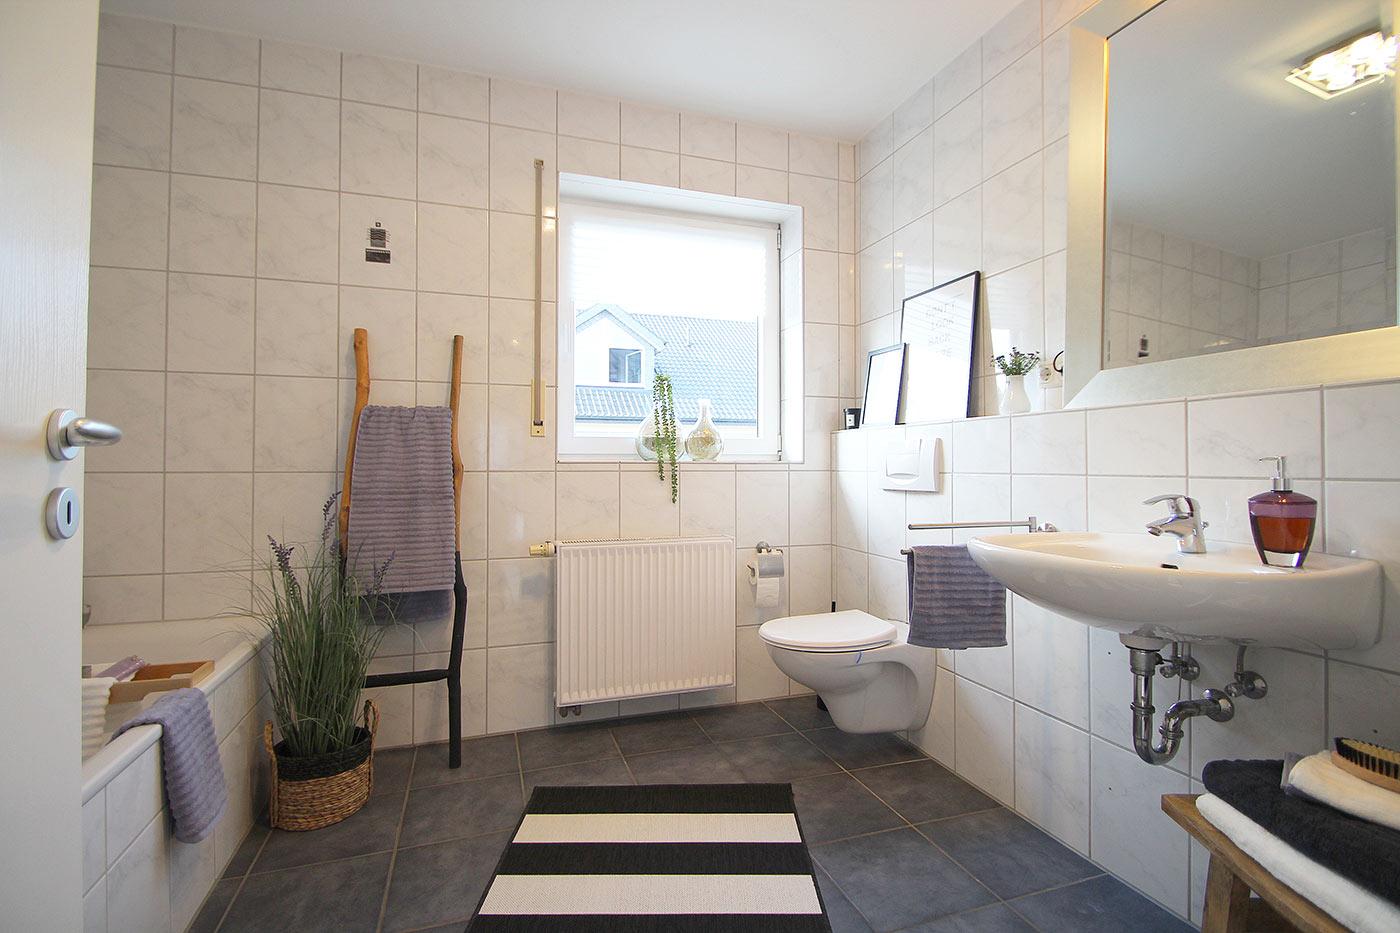 Badezimmer nach dem Homestaging durch Nicole Biernath von Blickfang Homestaging in Soest